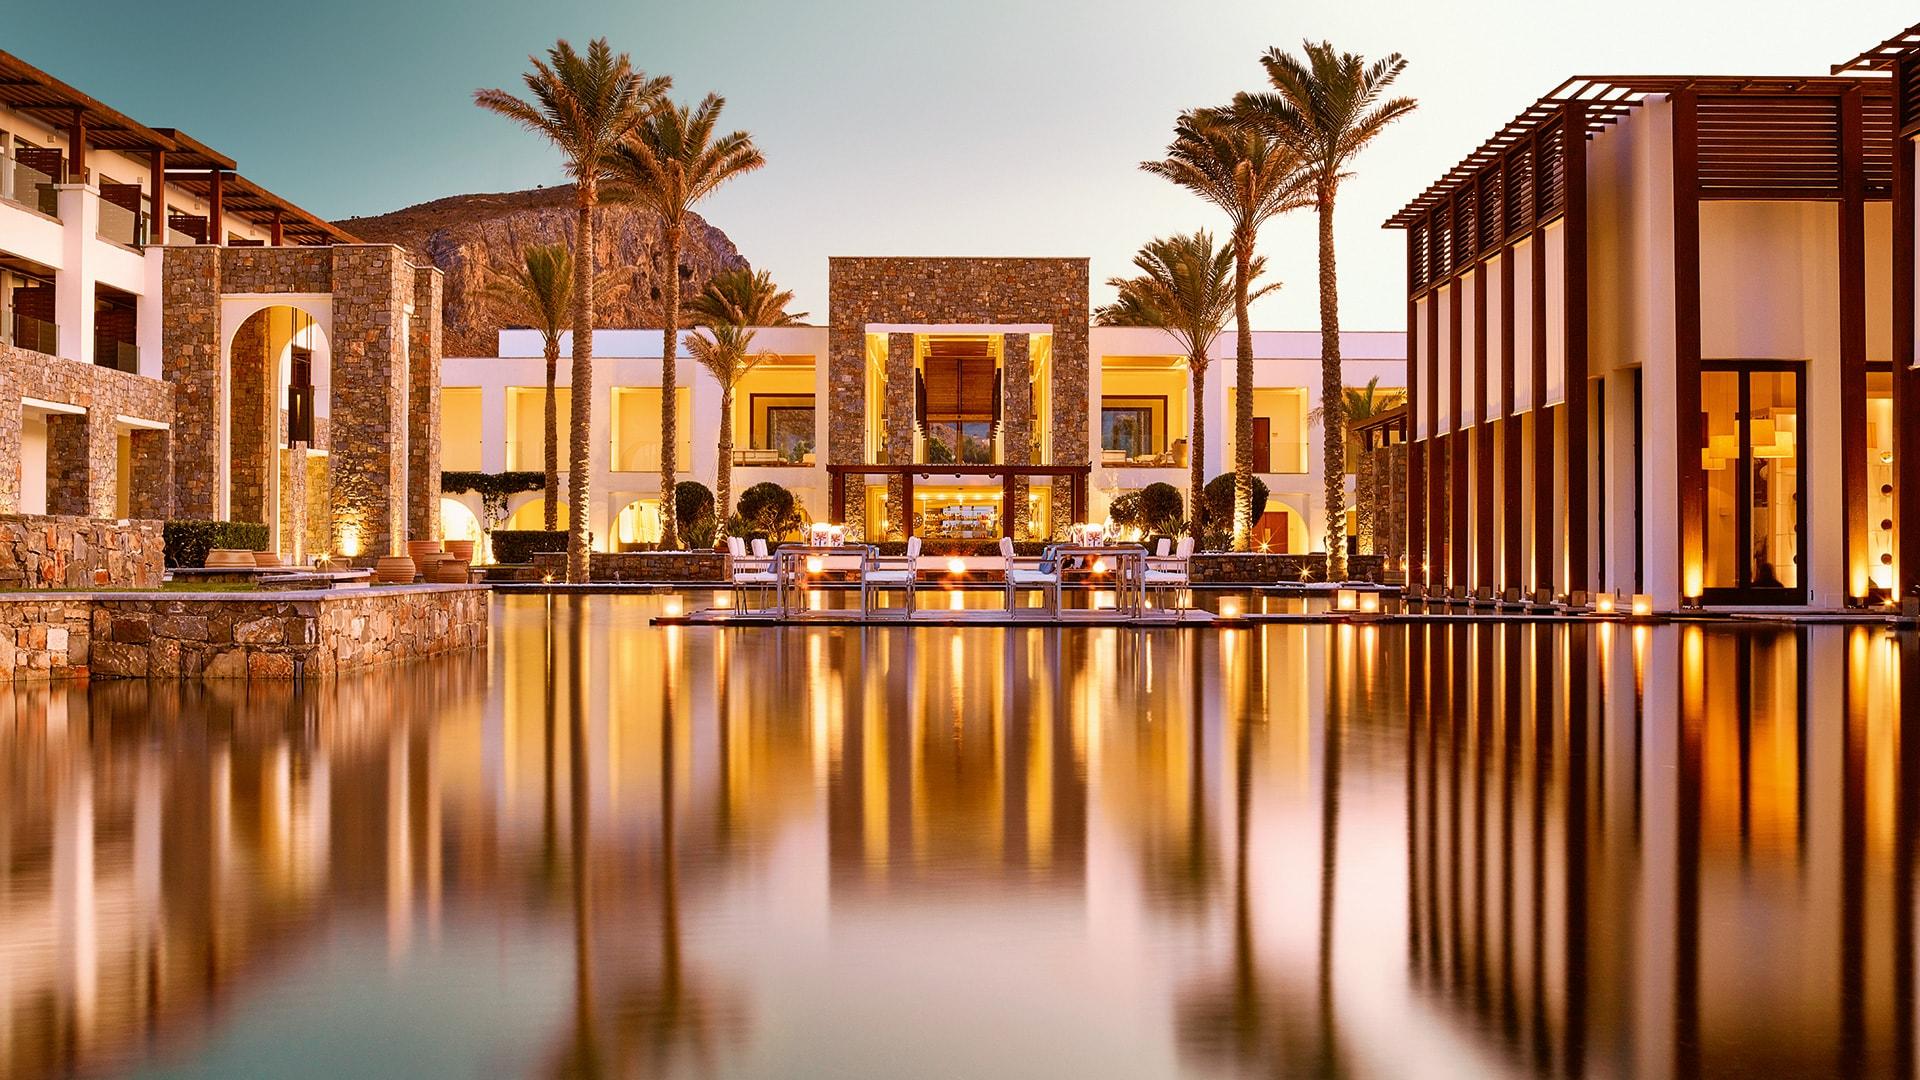 amirandes-5-star-hotel-in-crete-18810.jpg